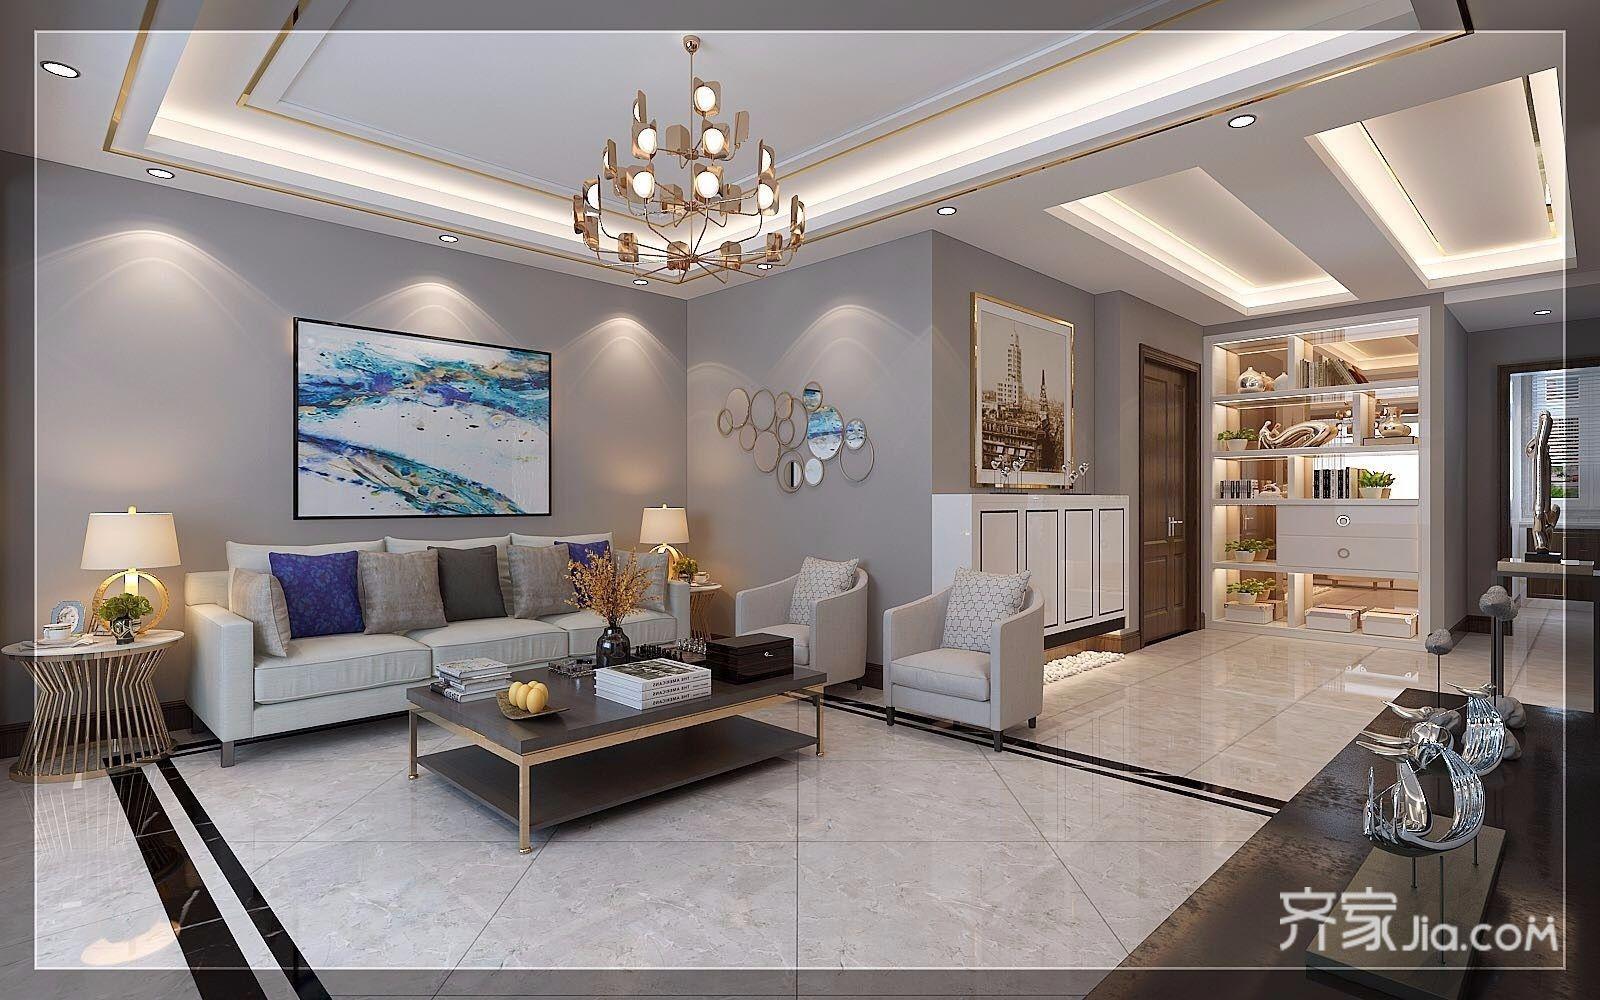 现代奢华复式三居沙发背景墙装修效果图